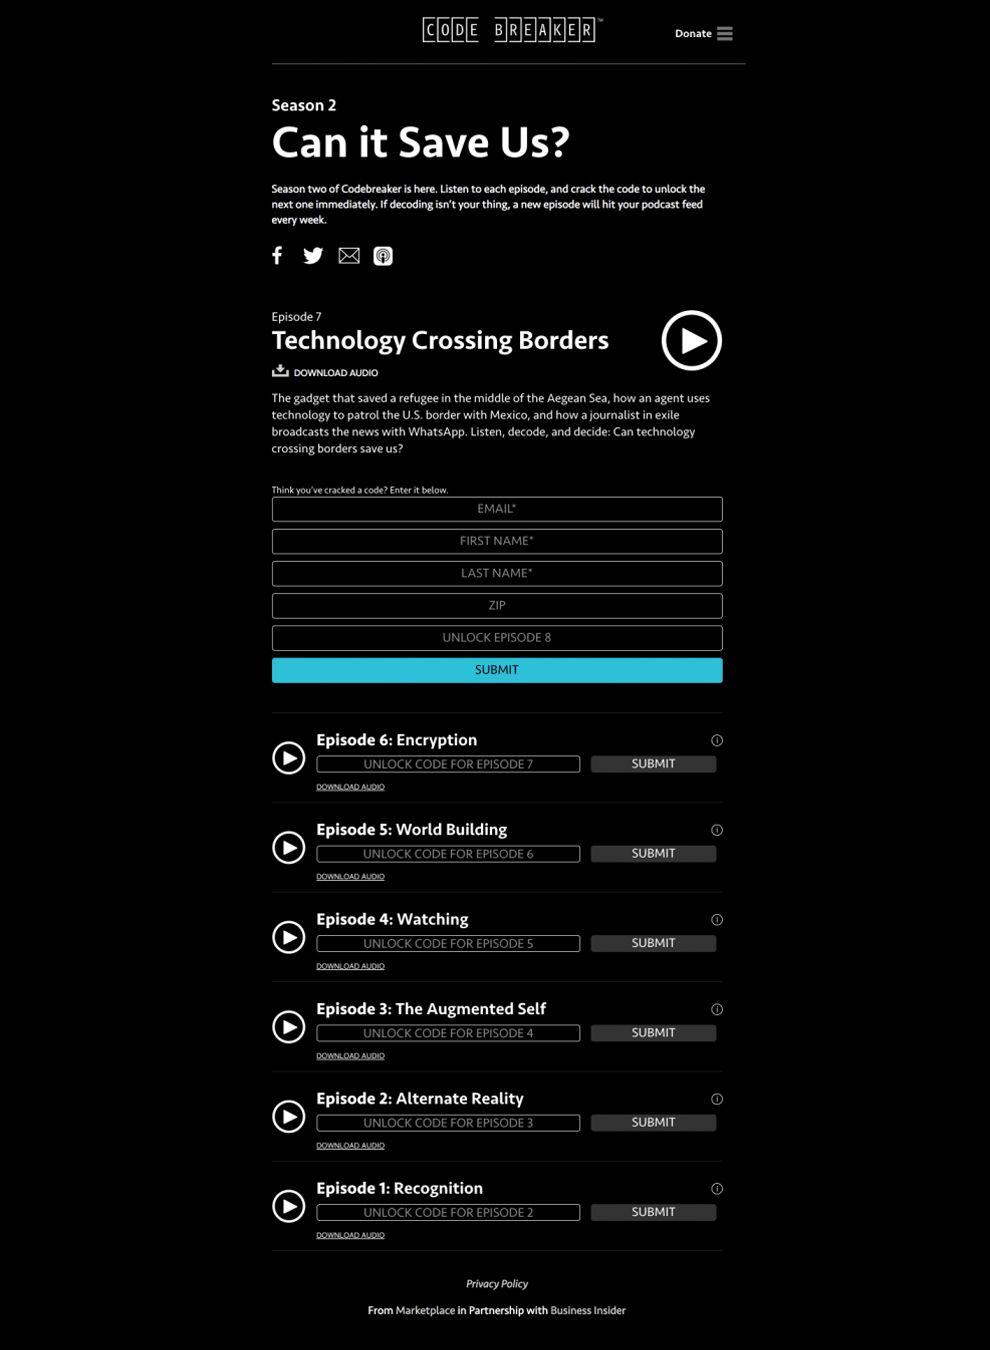 CodeBreaker Great Website Design